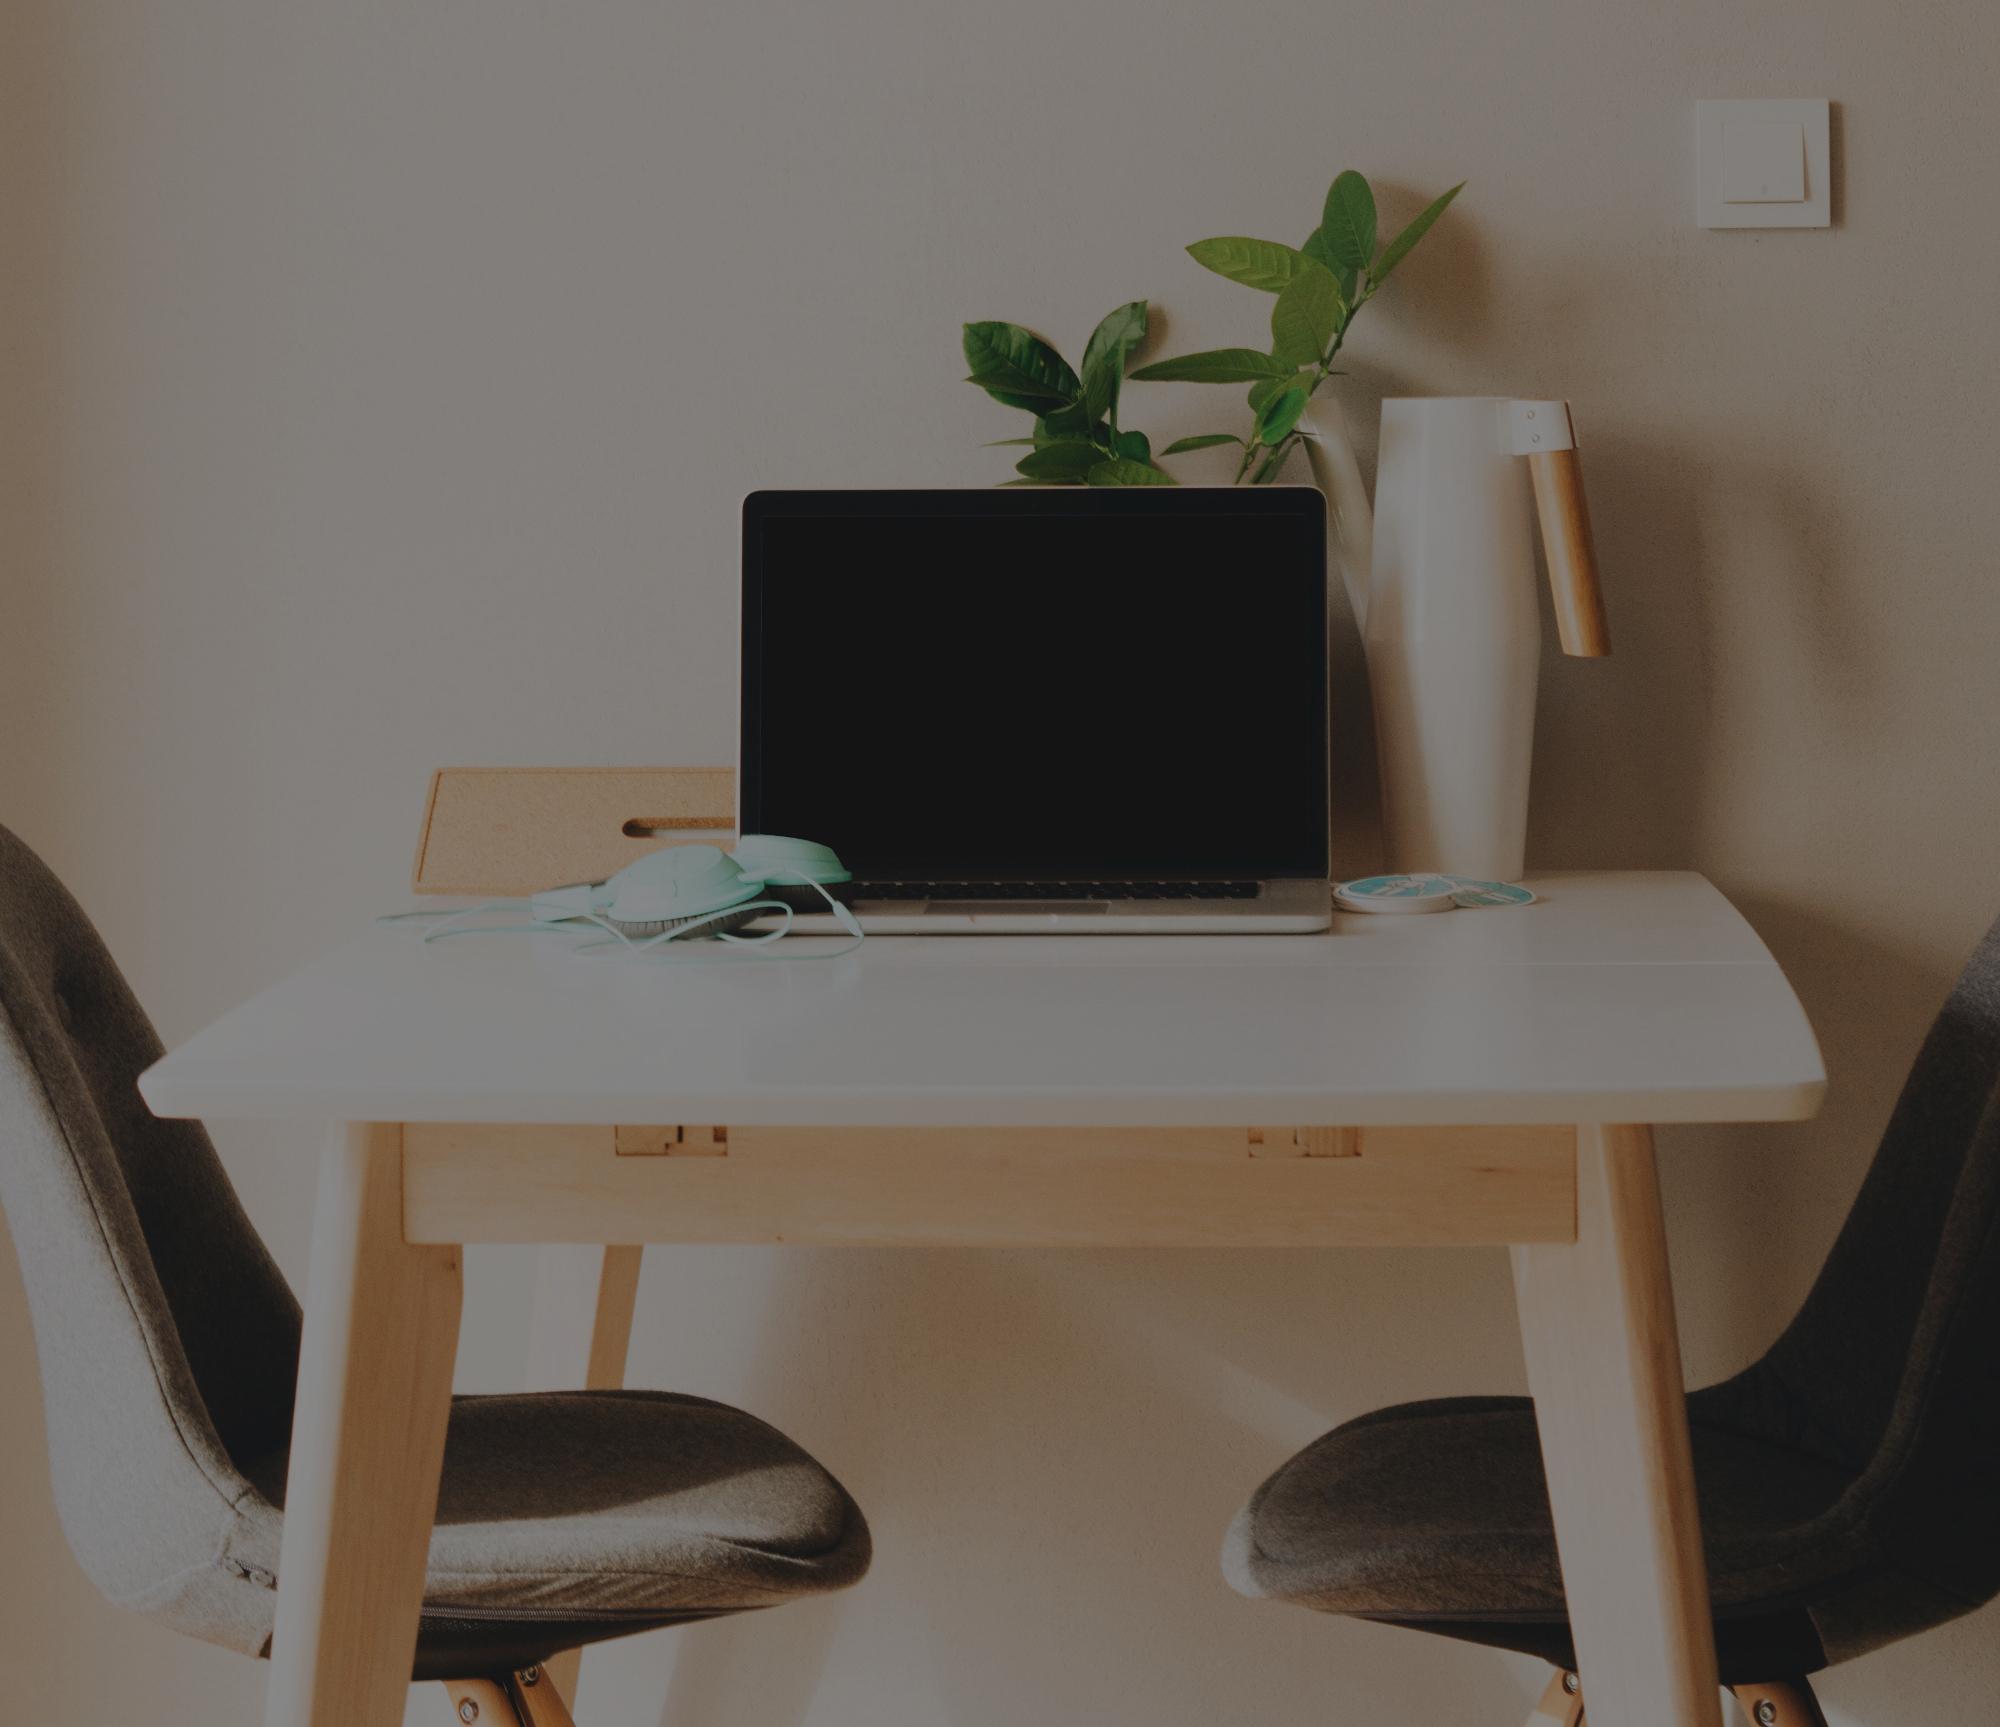 erstelle deine rechnung kostenlose rechnungsvorlage. Black Bedroom Furniture Sets. Home Design Ideas